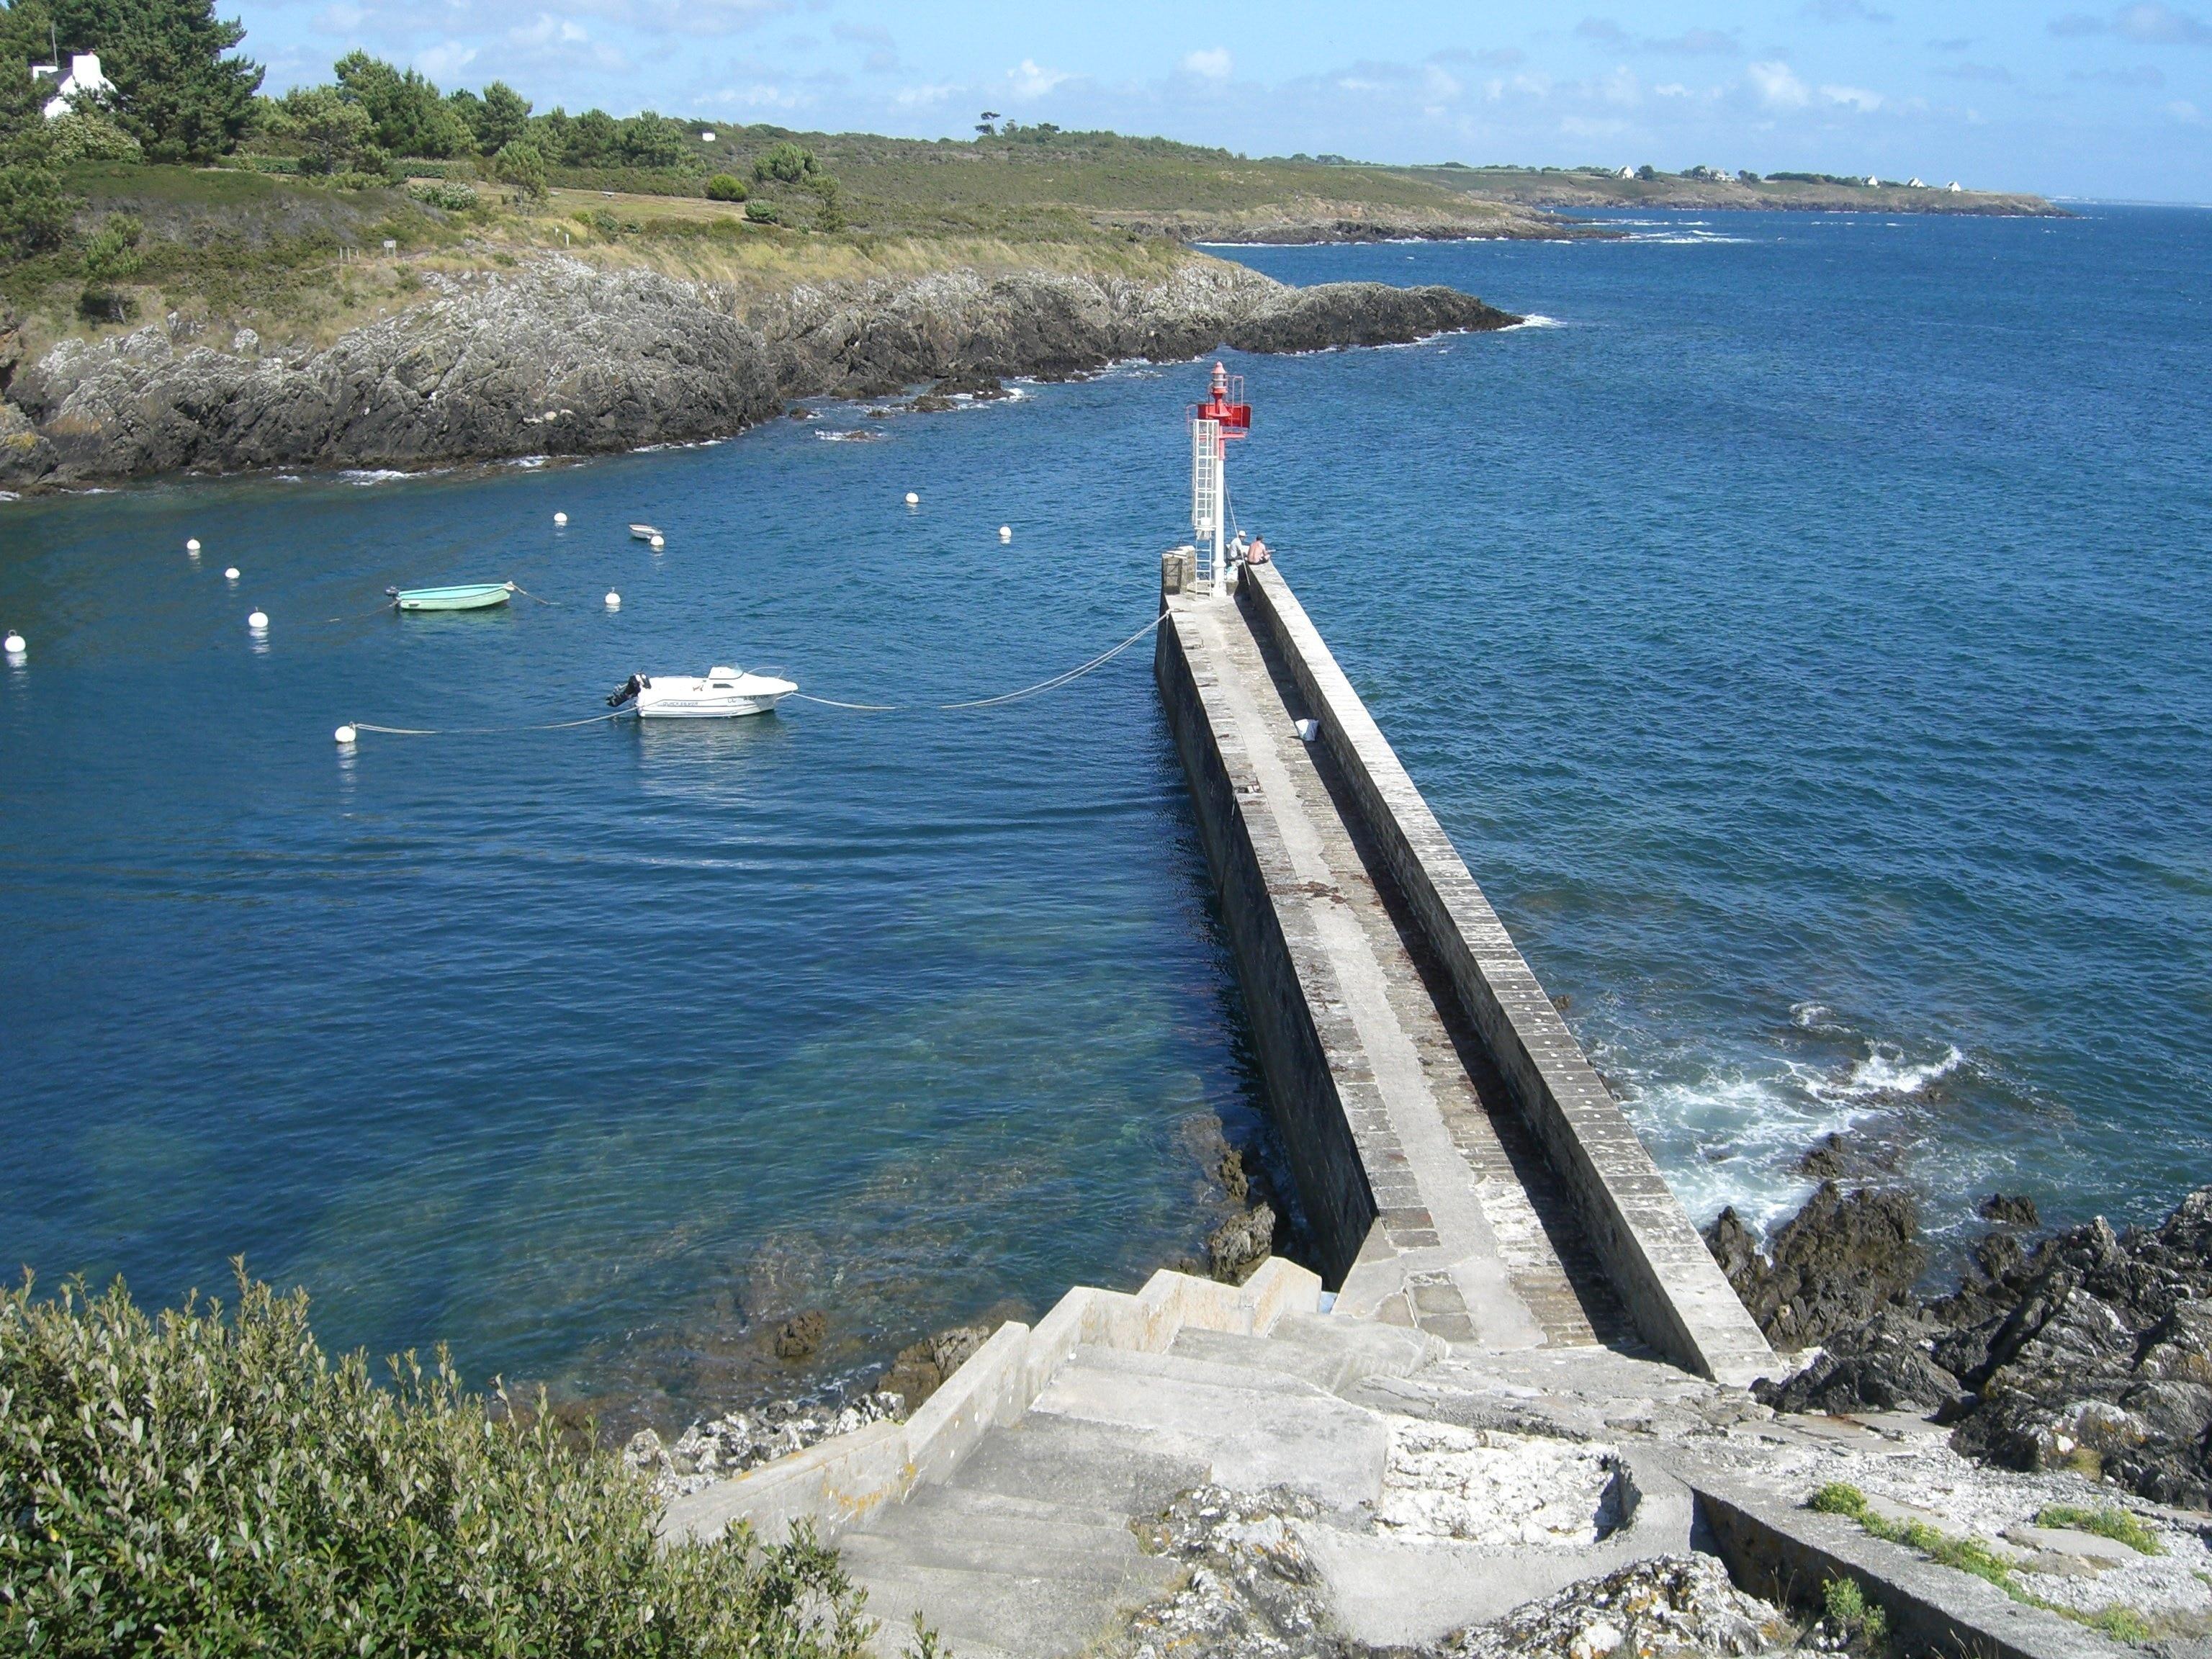 Moelan-sur-Mer, Finistere, France